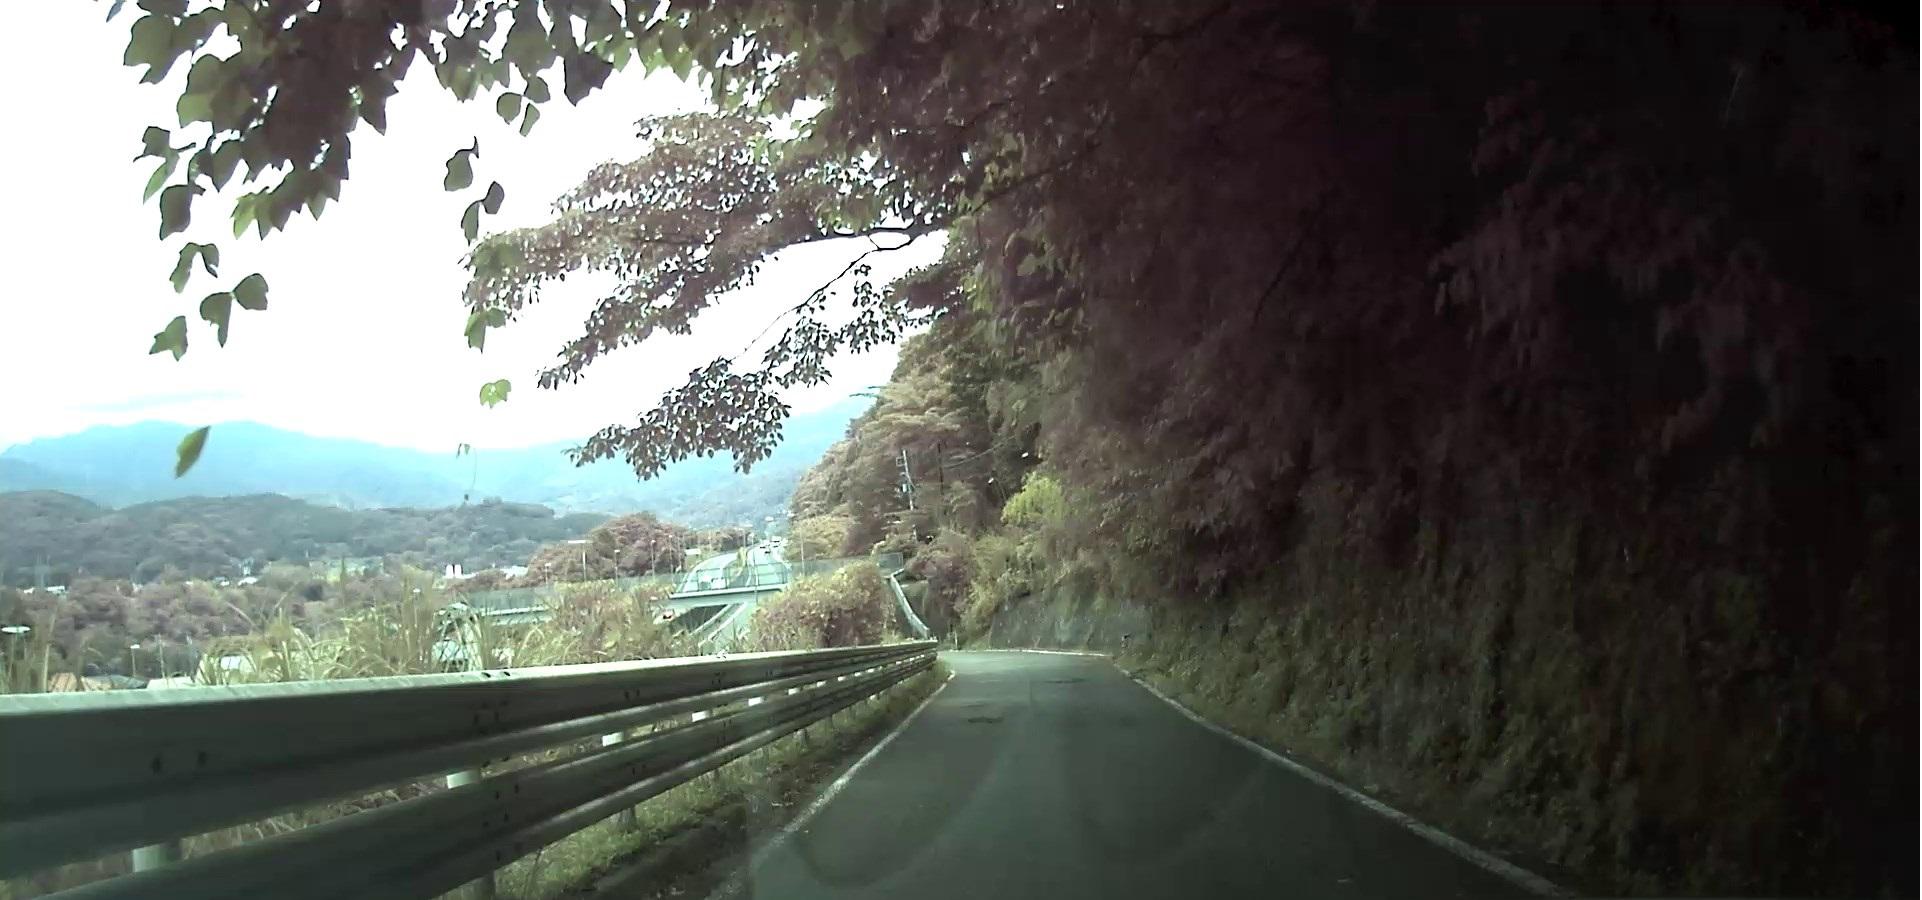 【足柄峠】 静岡県と神奈川県の峠道・ワインディングロード